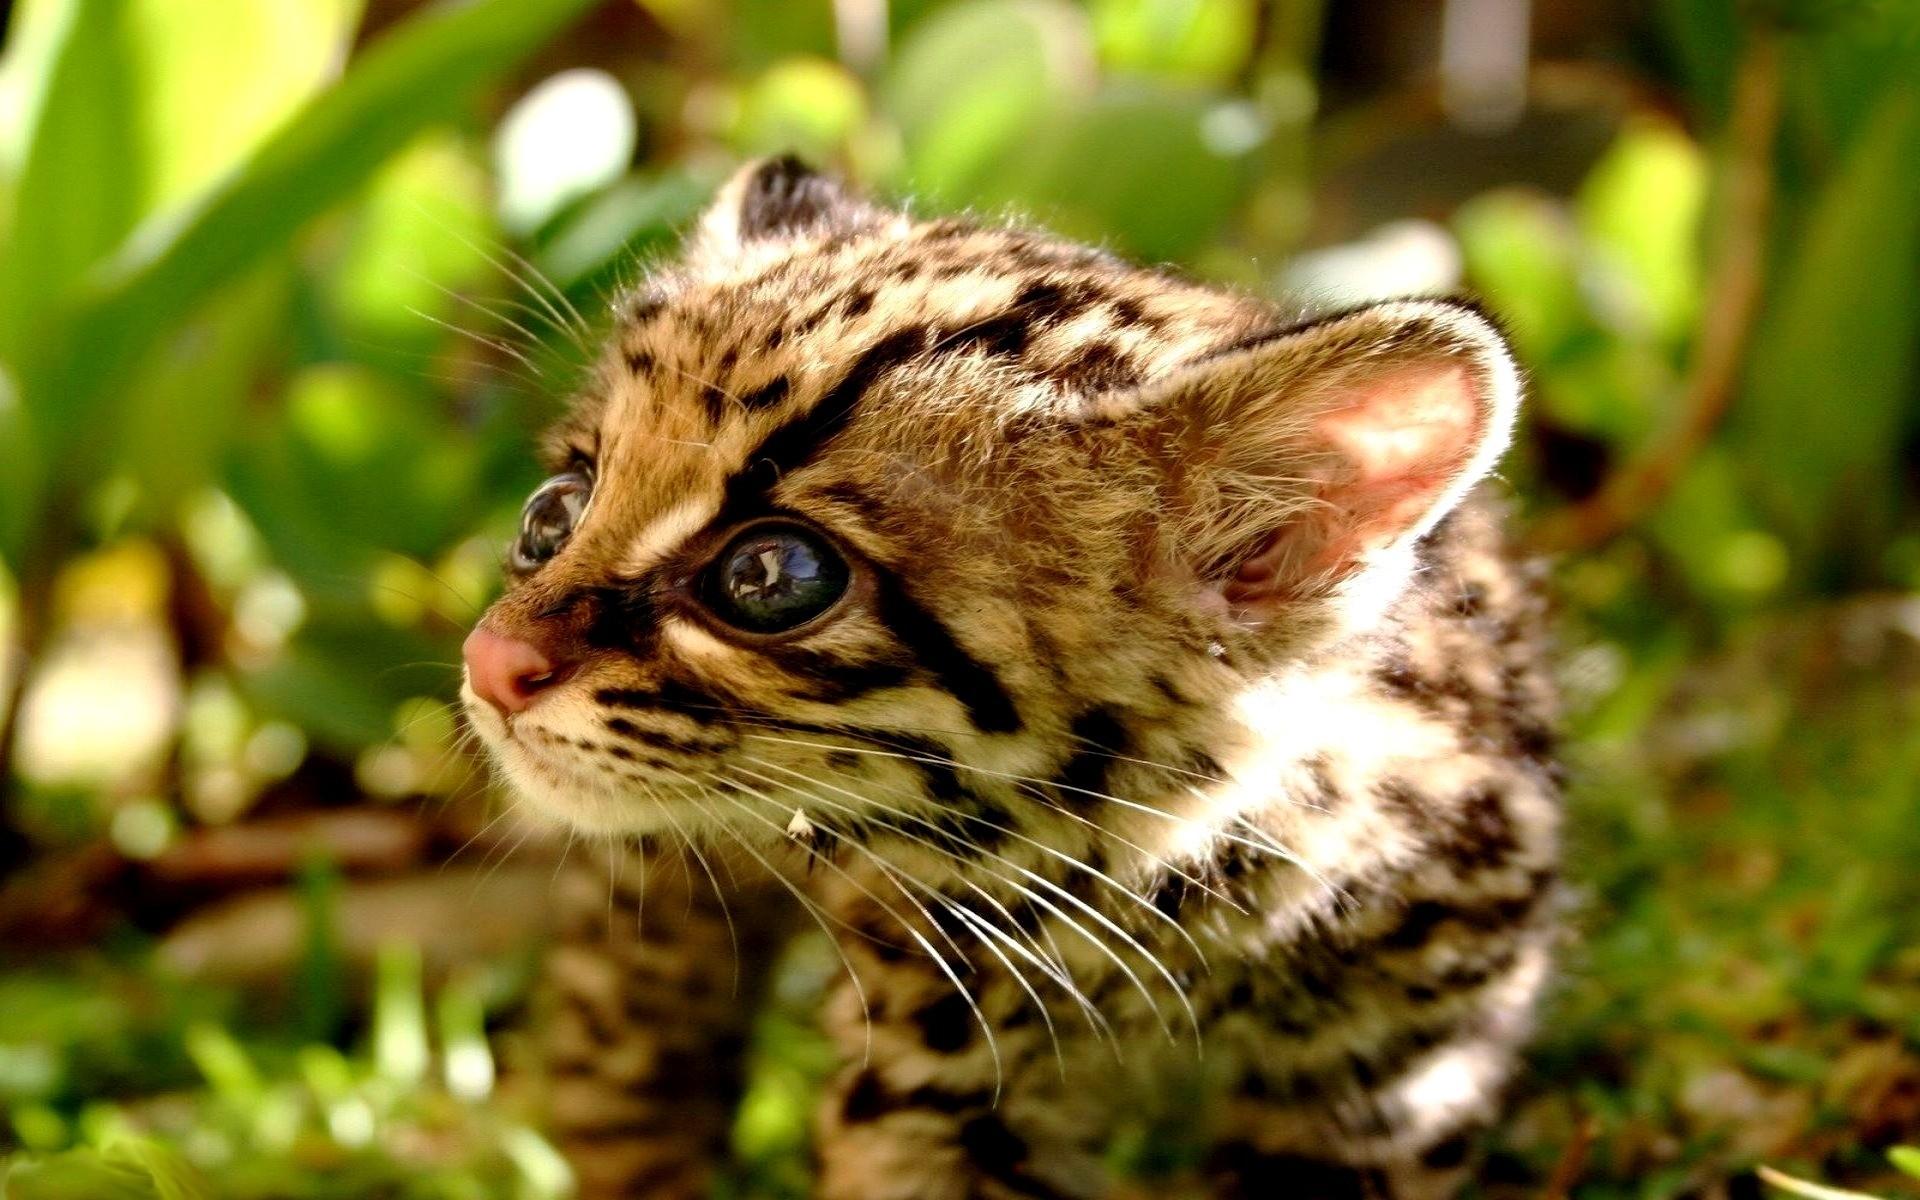 cute cheetah wallpaper (58+ images)